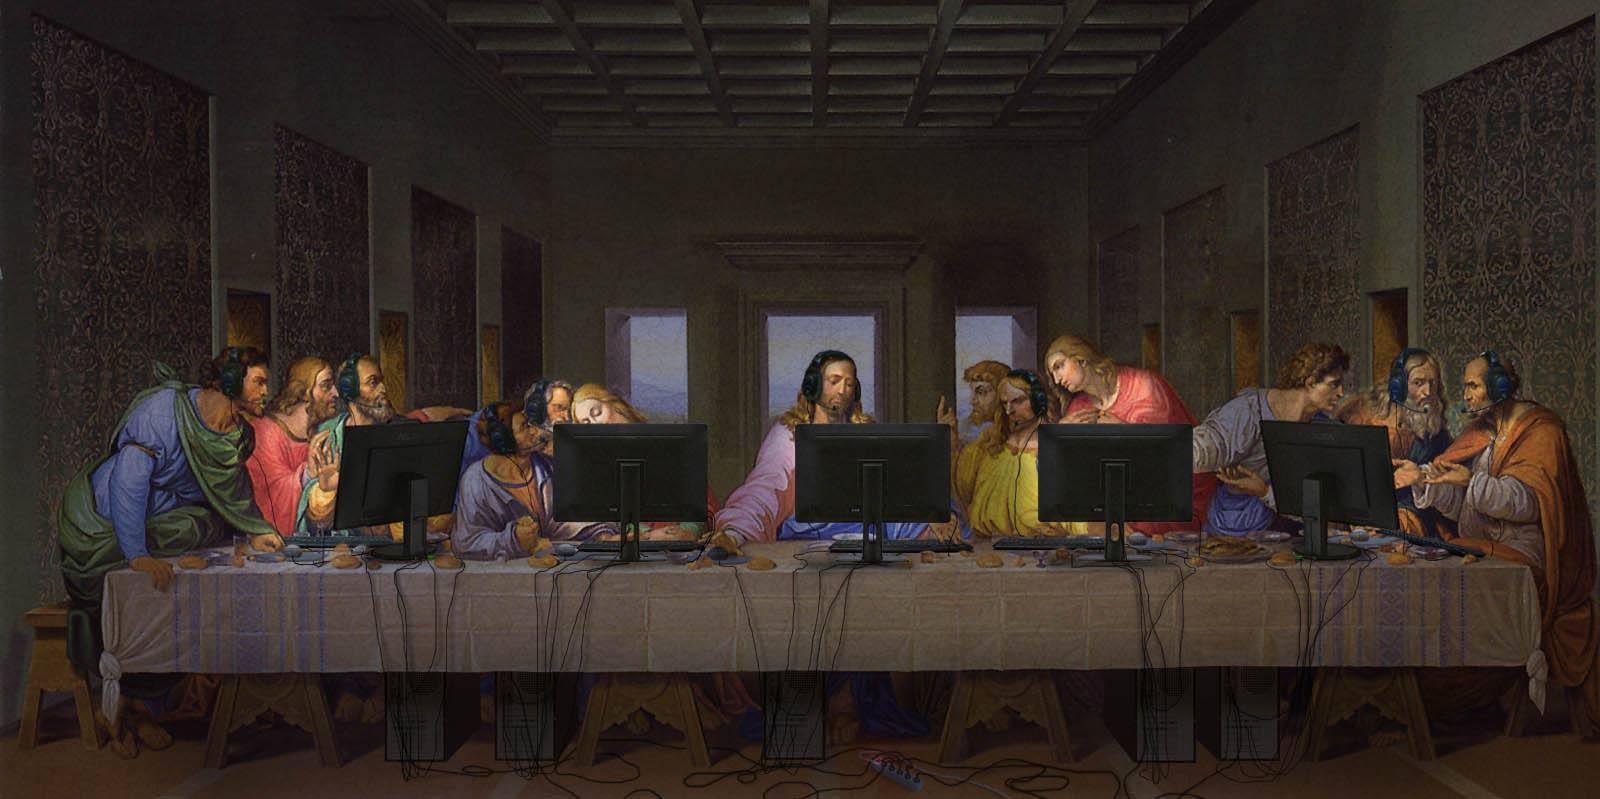 ordinateur jesuschrist thorislausset peintureclassique lacene detournement - Painting update : les peintures classiques revisitées avec beaucoup d'humour et de modernité